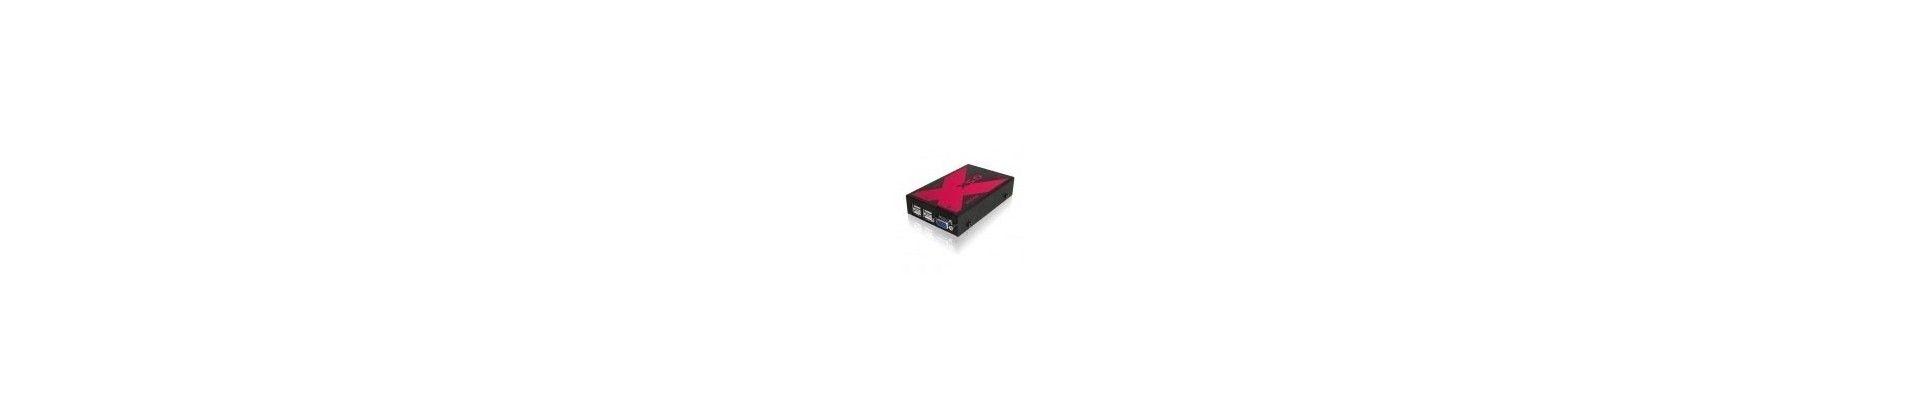 Extender USB VGA